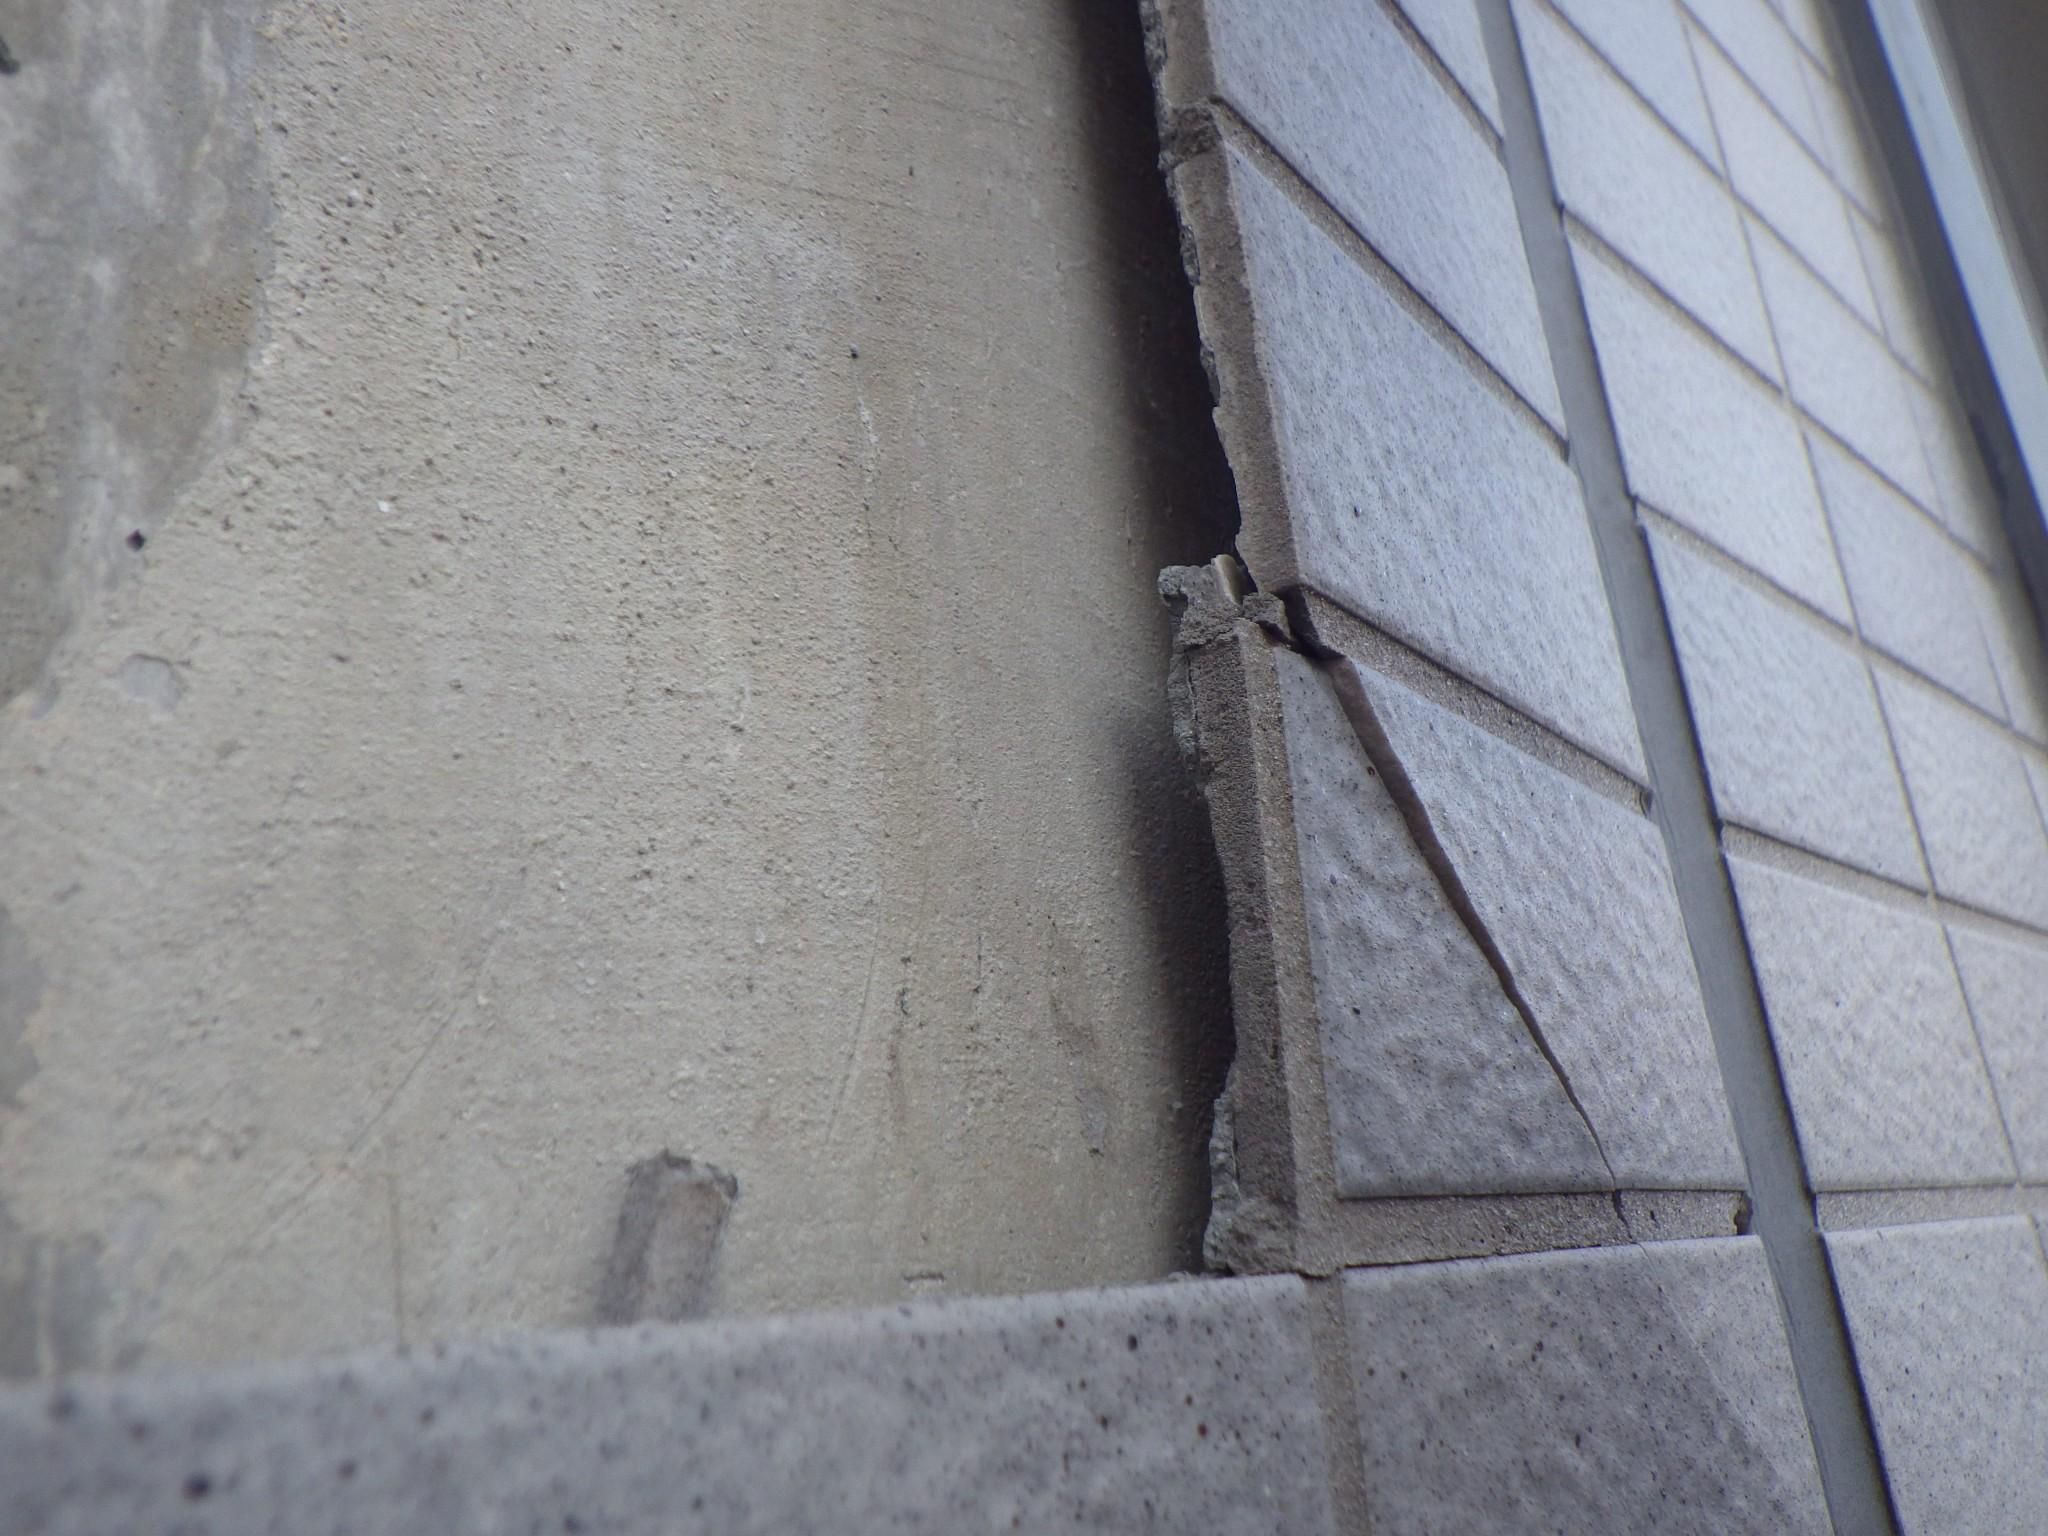 マンションの外壁タイル剥離・落下のリスクと管理組合でとるべき対策は?